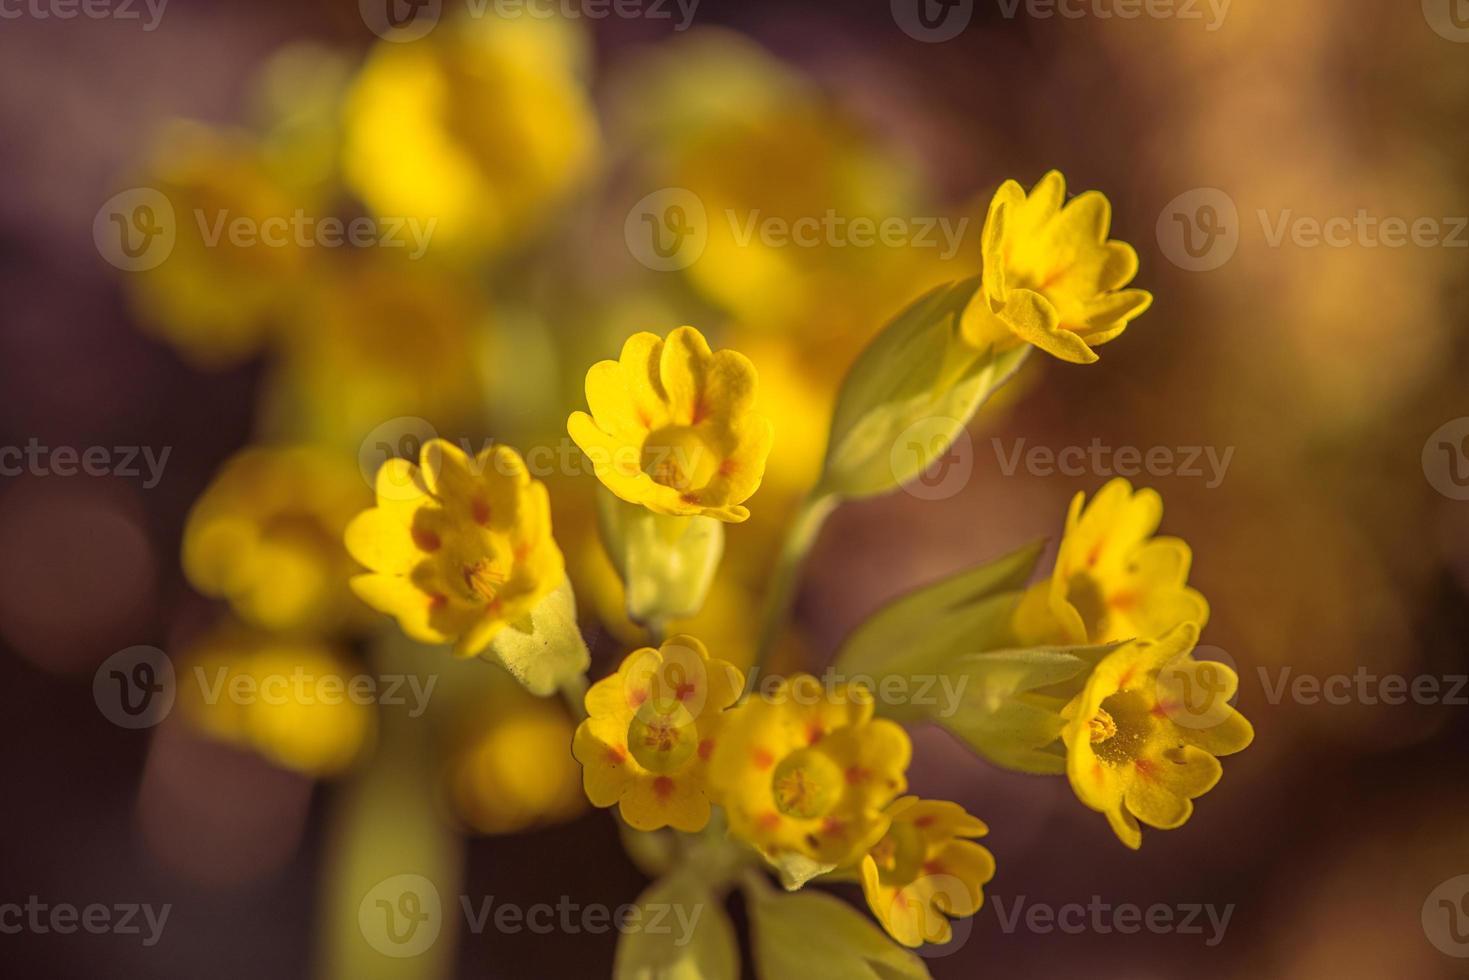 närbild av gula korslip blommor i solljus foto